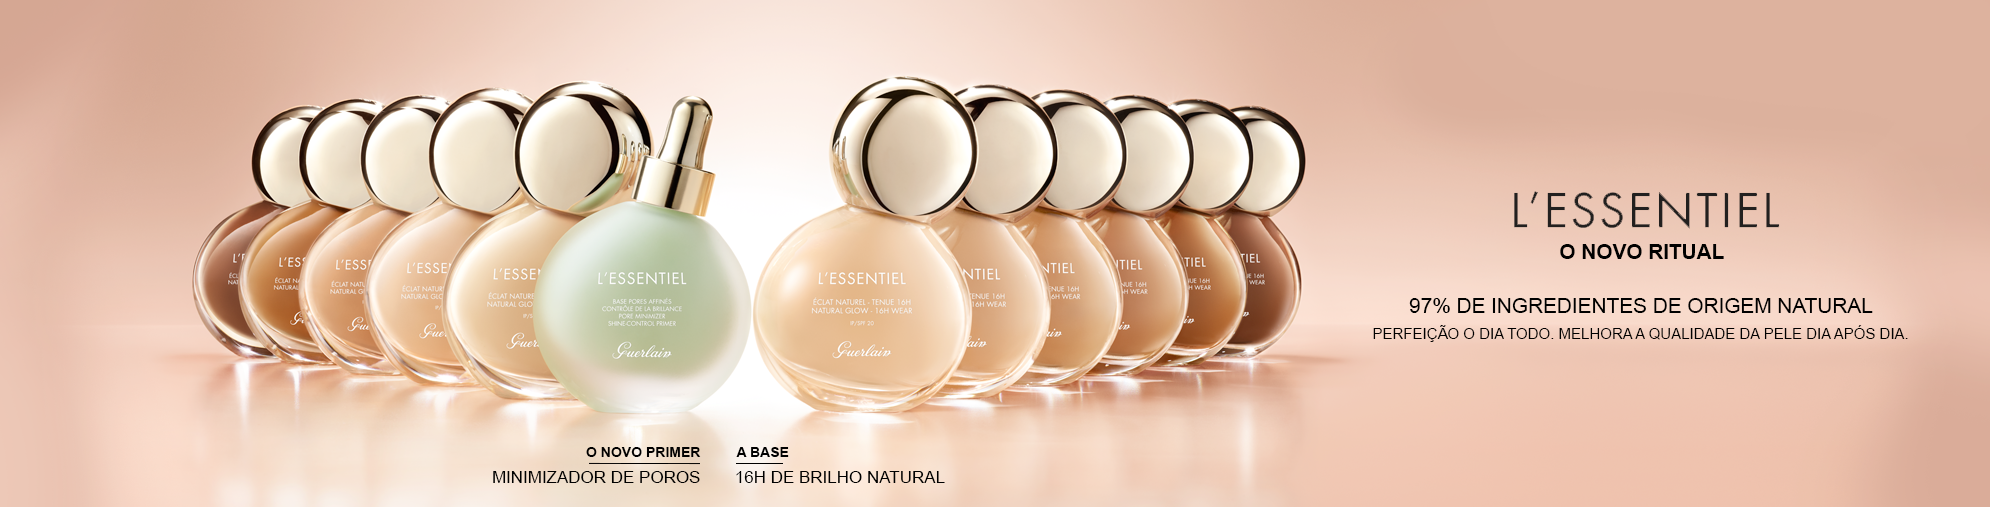 Naturalidade & alta performance. Eu posso ter o dois. L'Essential: A Reinvenção da Base. (Novo. disponível em 14 cores)